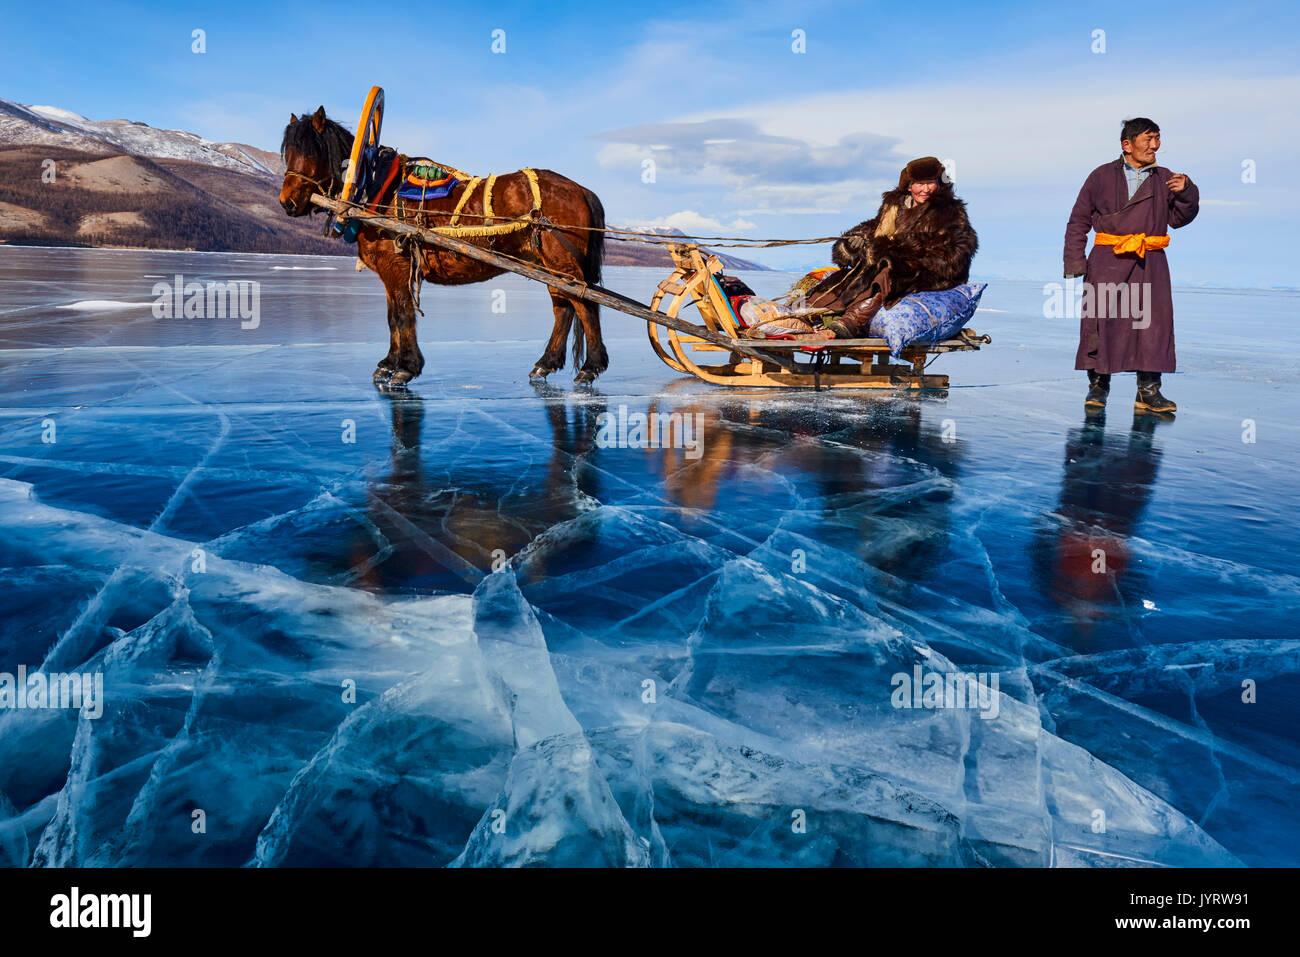 La Mongolie, province de Khövsgöl, traîneau à cheval sur le lac gelé de Khövsgöl en hiver Banque D'Images